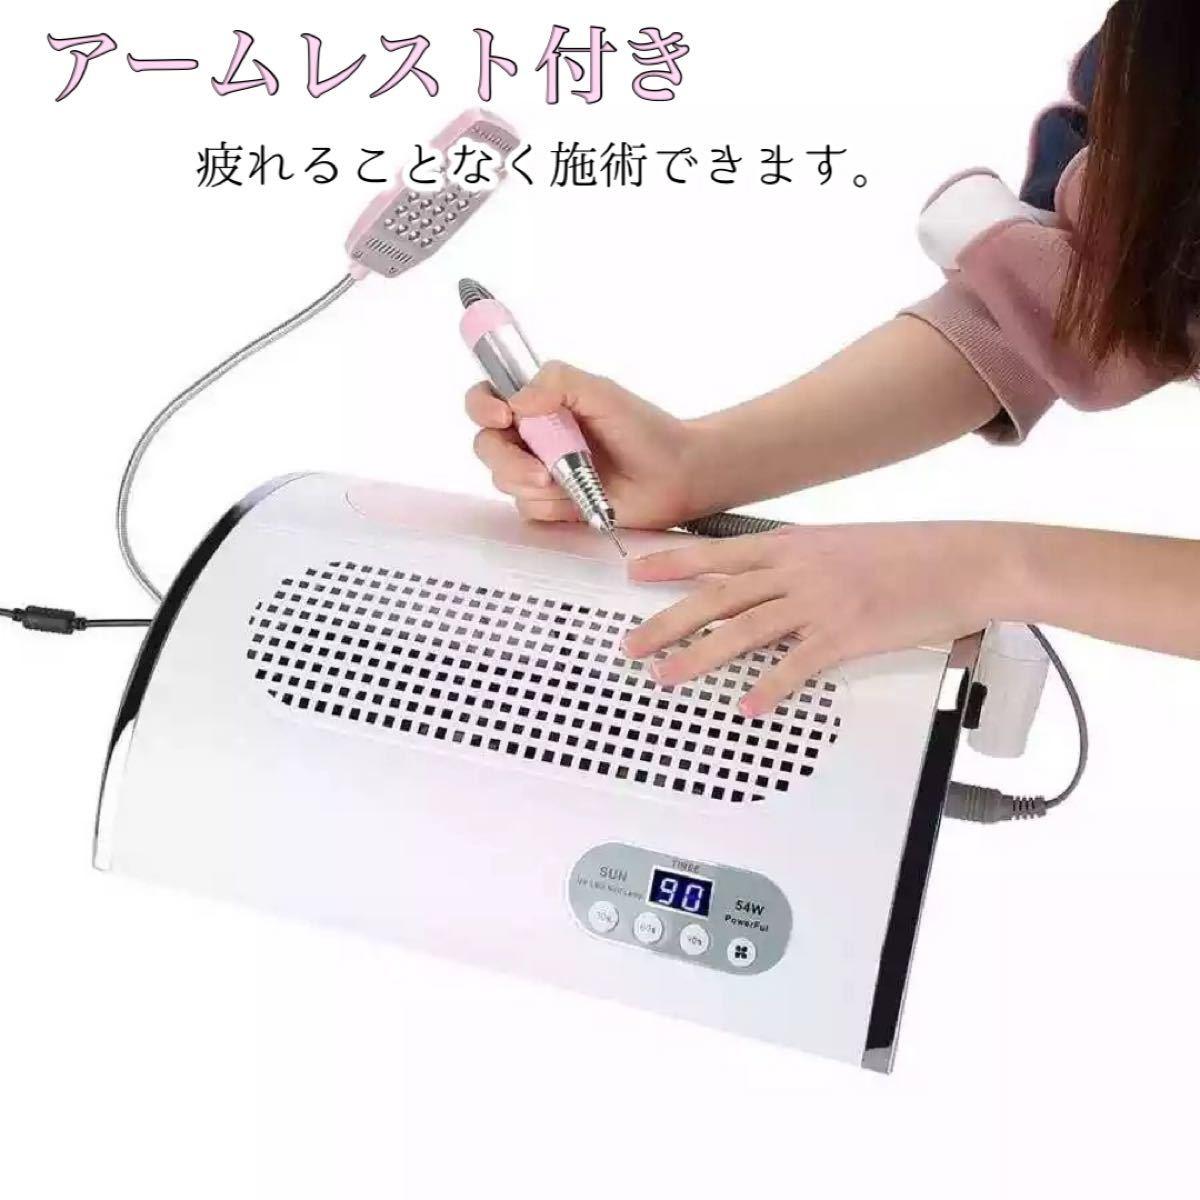 ネイルマシン 4in1 ネイルマシーン 多機能 ネイルドリル ダストクリーナー 集塵機 甘皮処理 ジェルオフ ネイルライト ビット